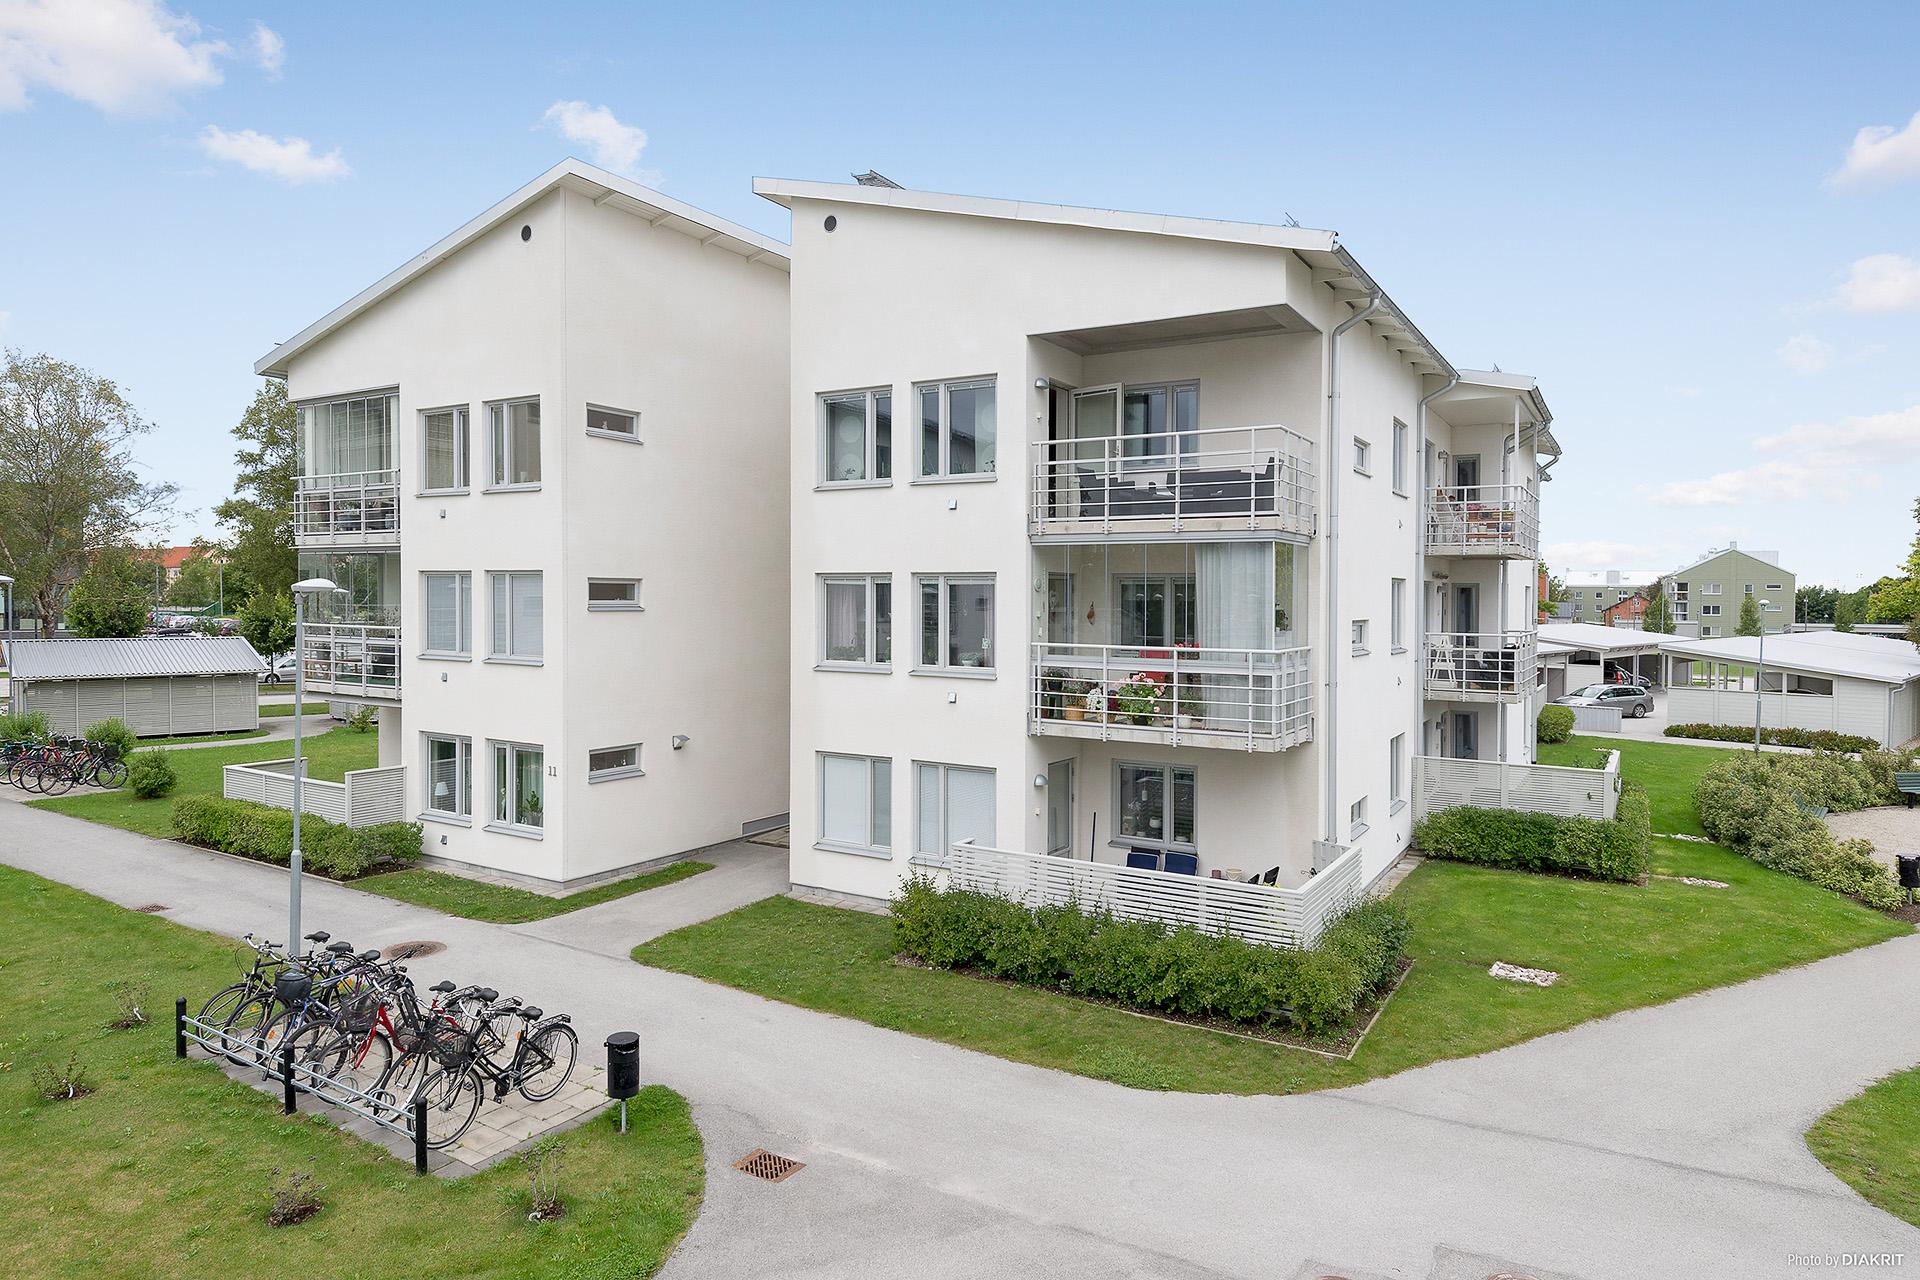 2:a med balkong högst upp till höger